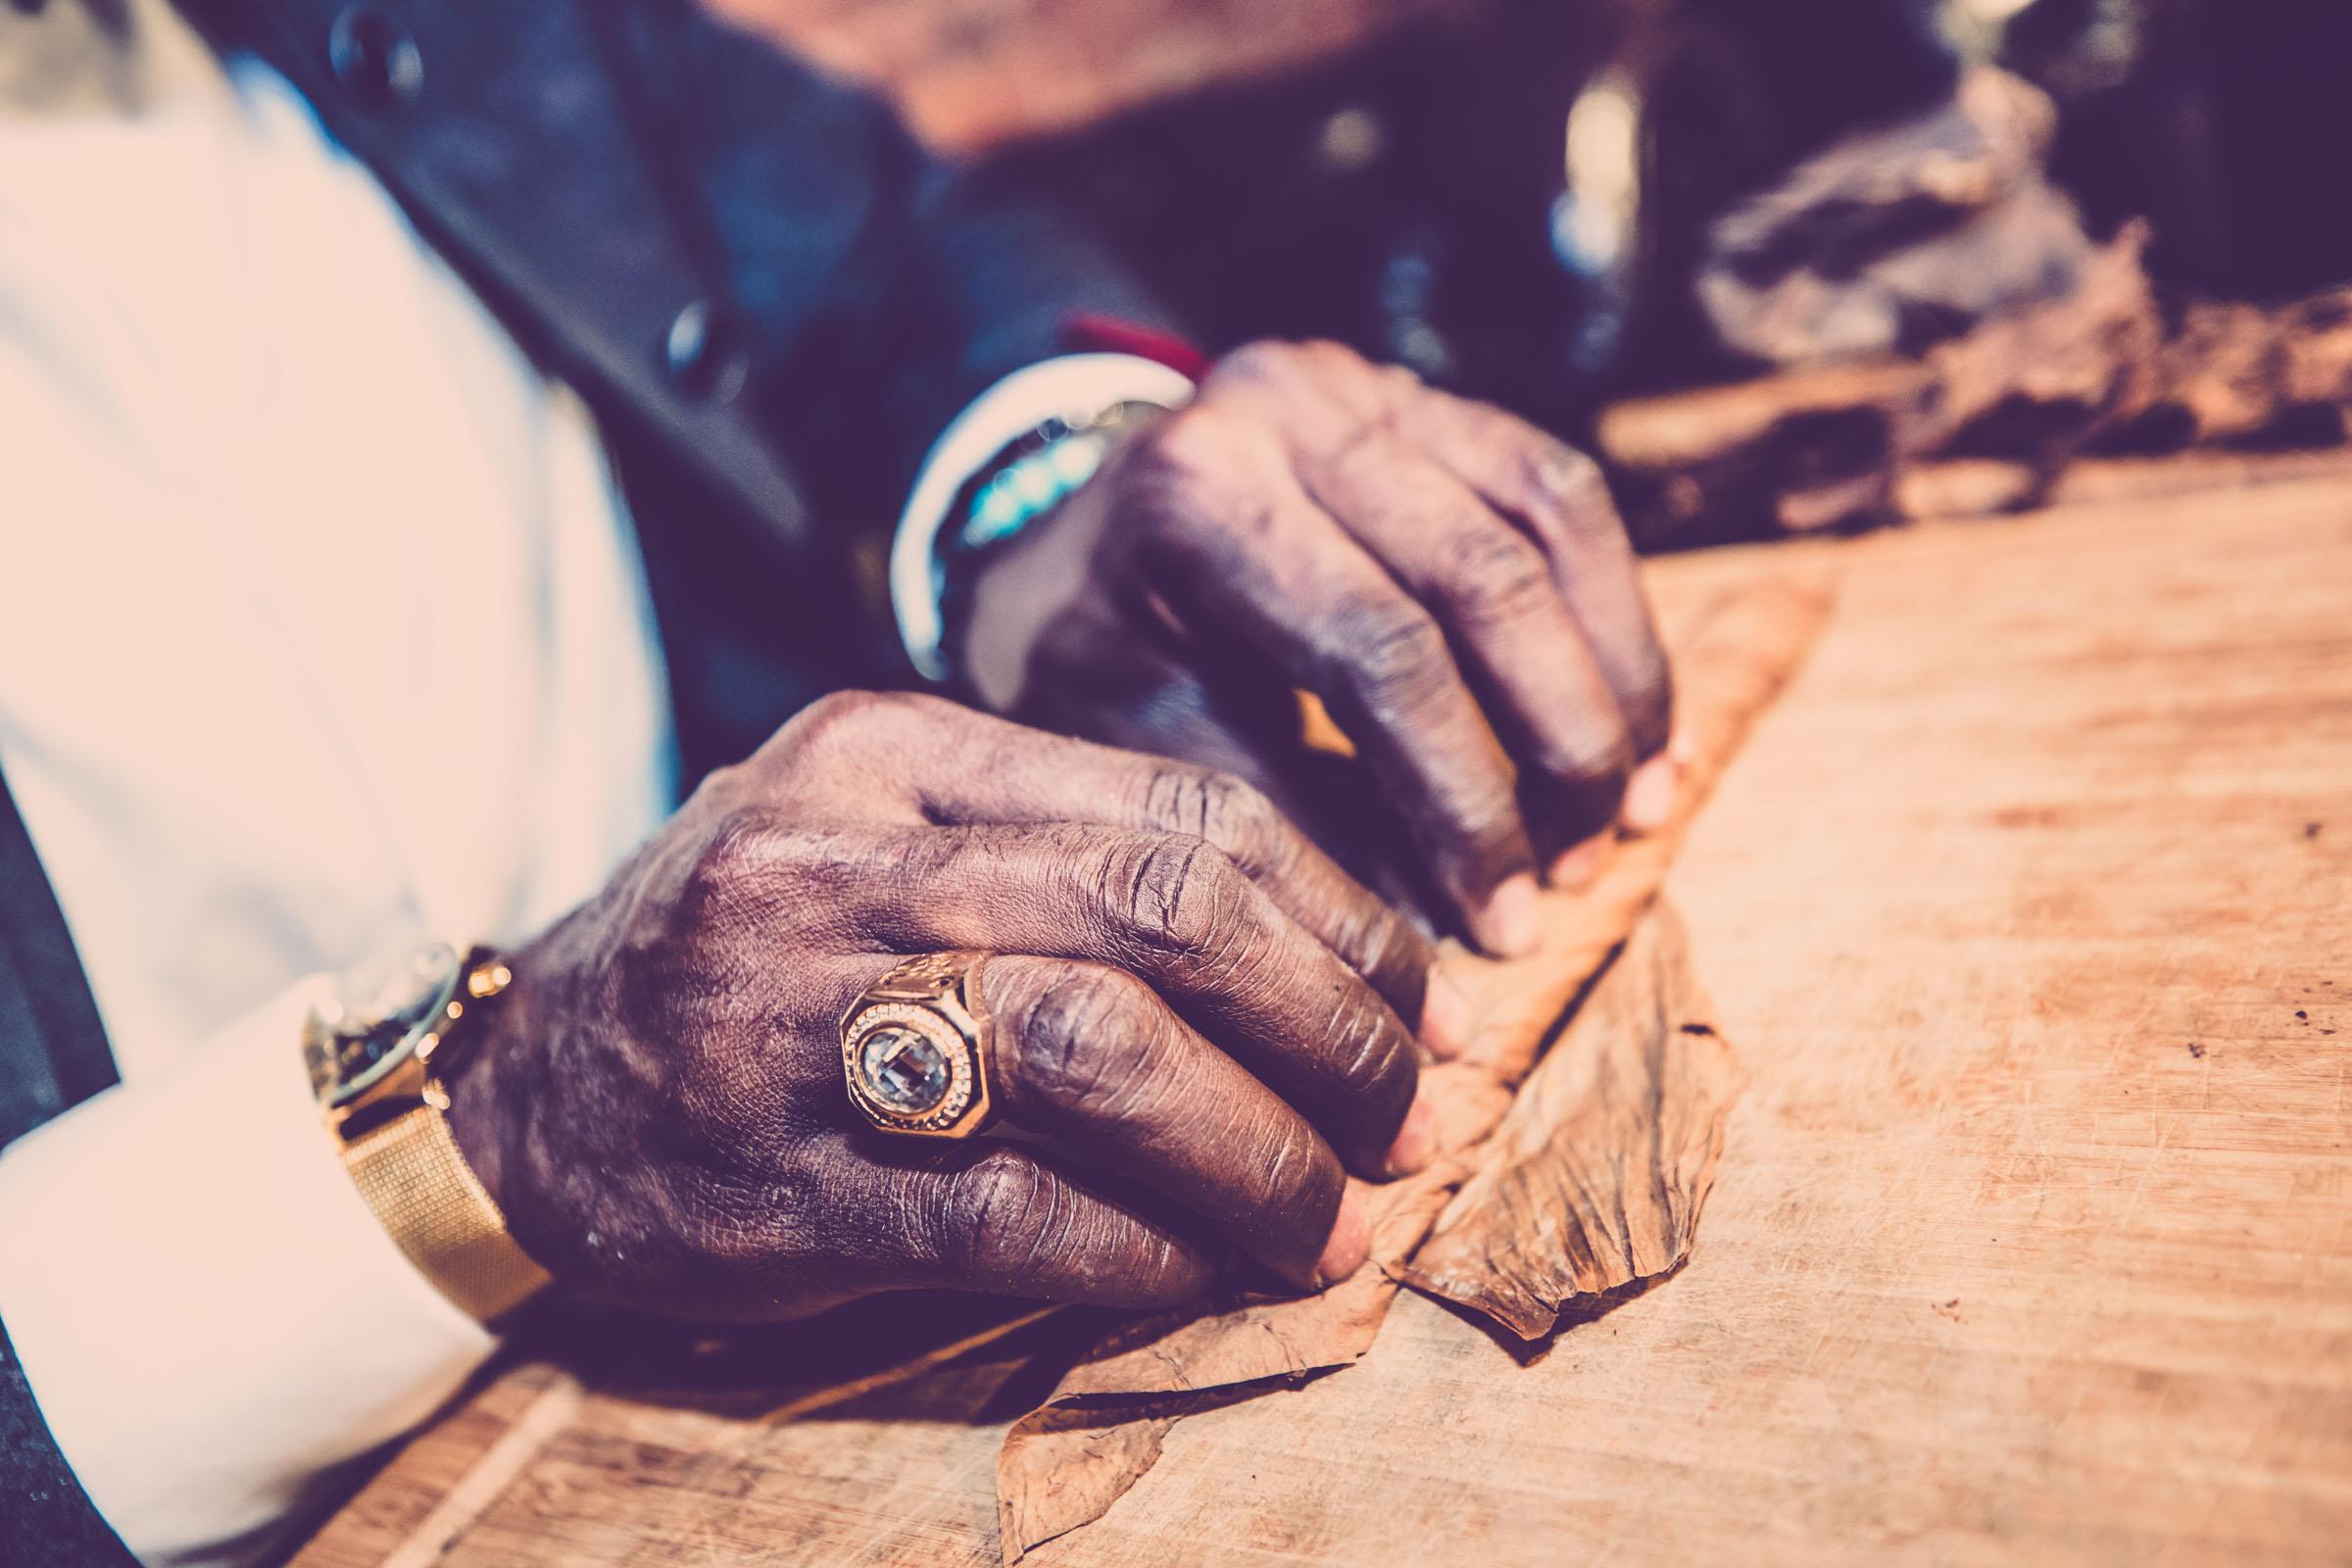 Zigarrenroller - Zigarrendreher | Handgemachte Zigarren | Event | Gala | Business | Messe | Buchen | Mieten | Anfragen